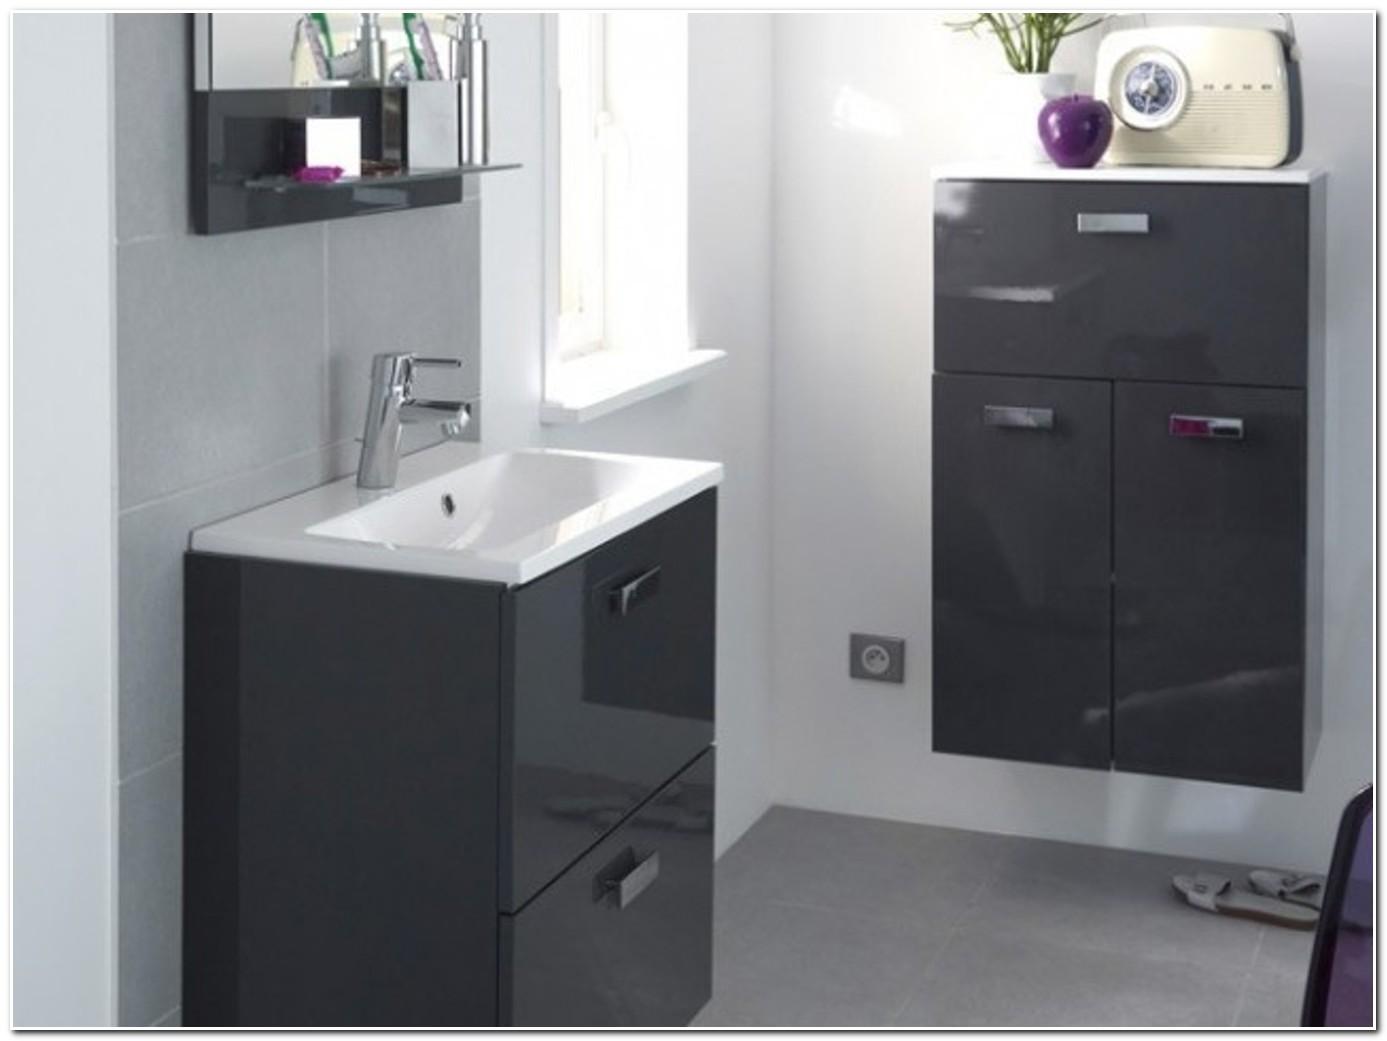 Meuble Pour Lave Vaisselle Encastrable Brico Depot